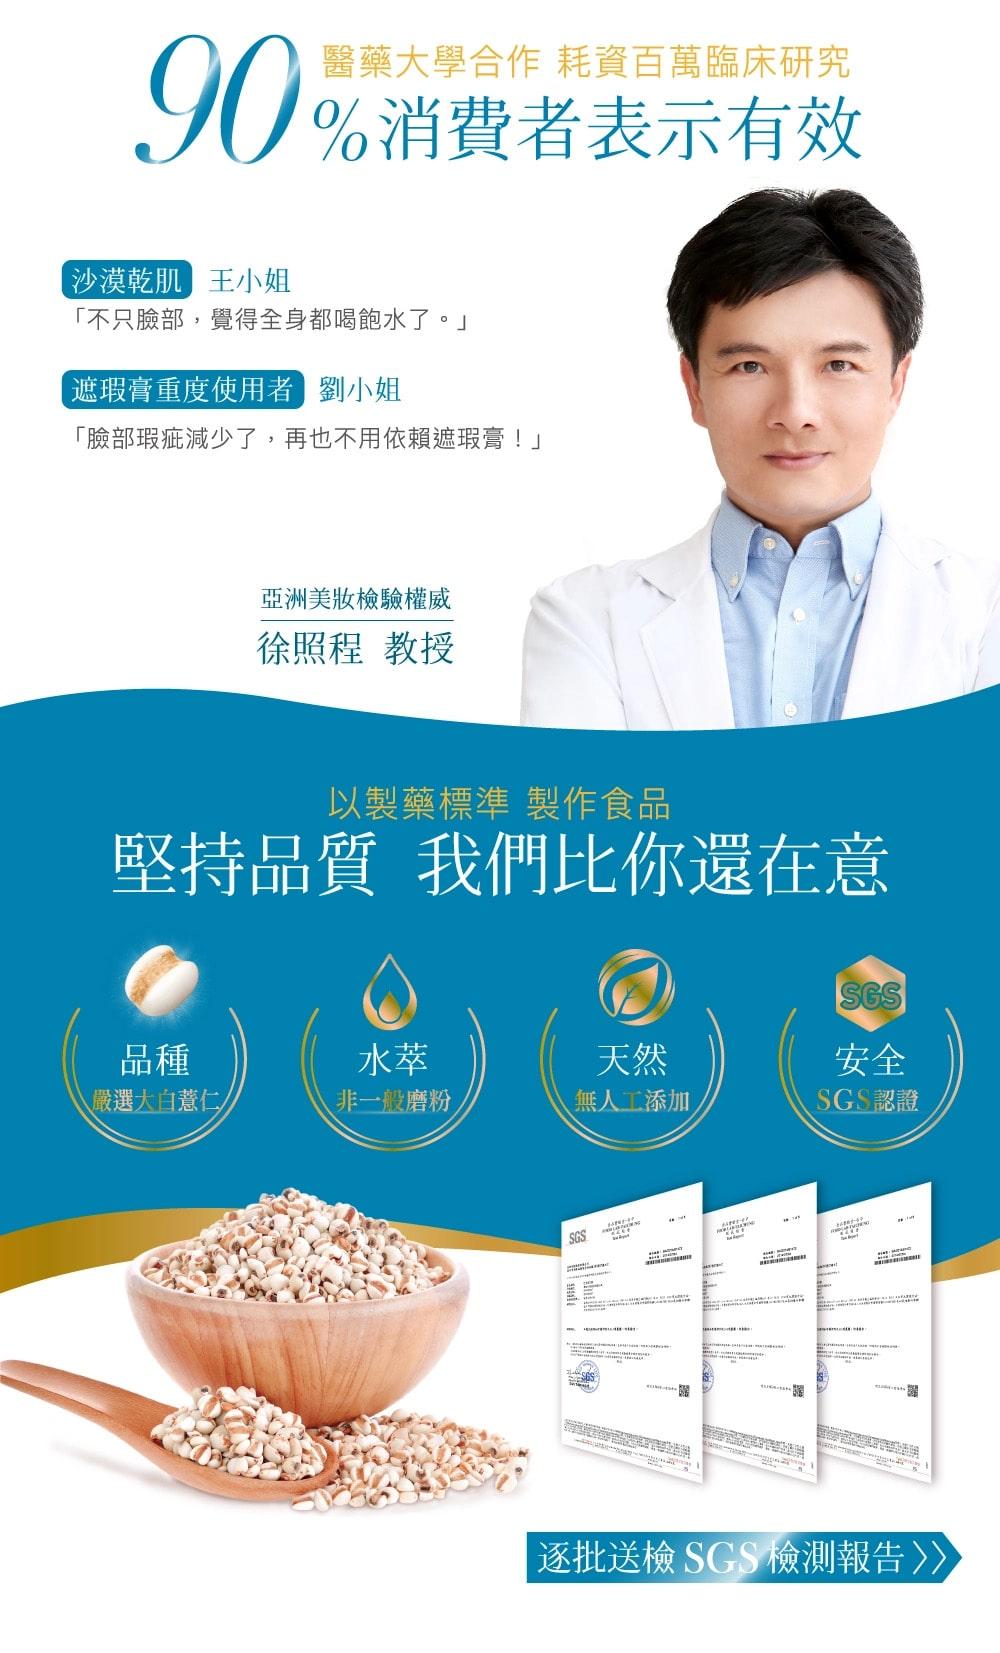 Ejia Collagen Barley - Guarantee